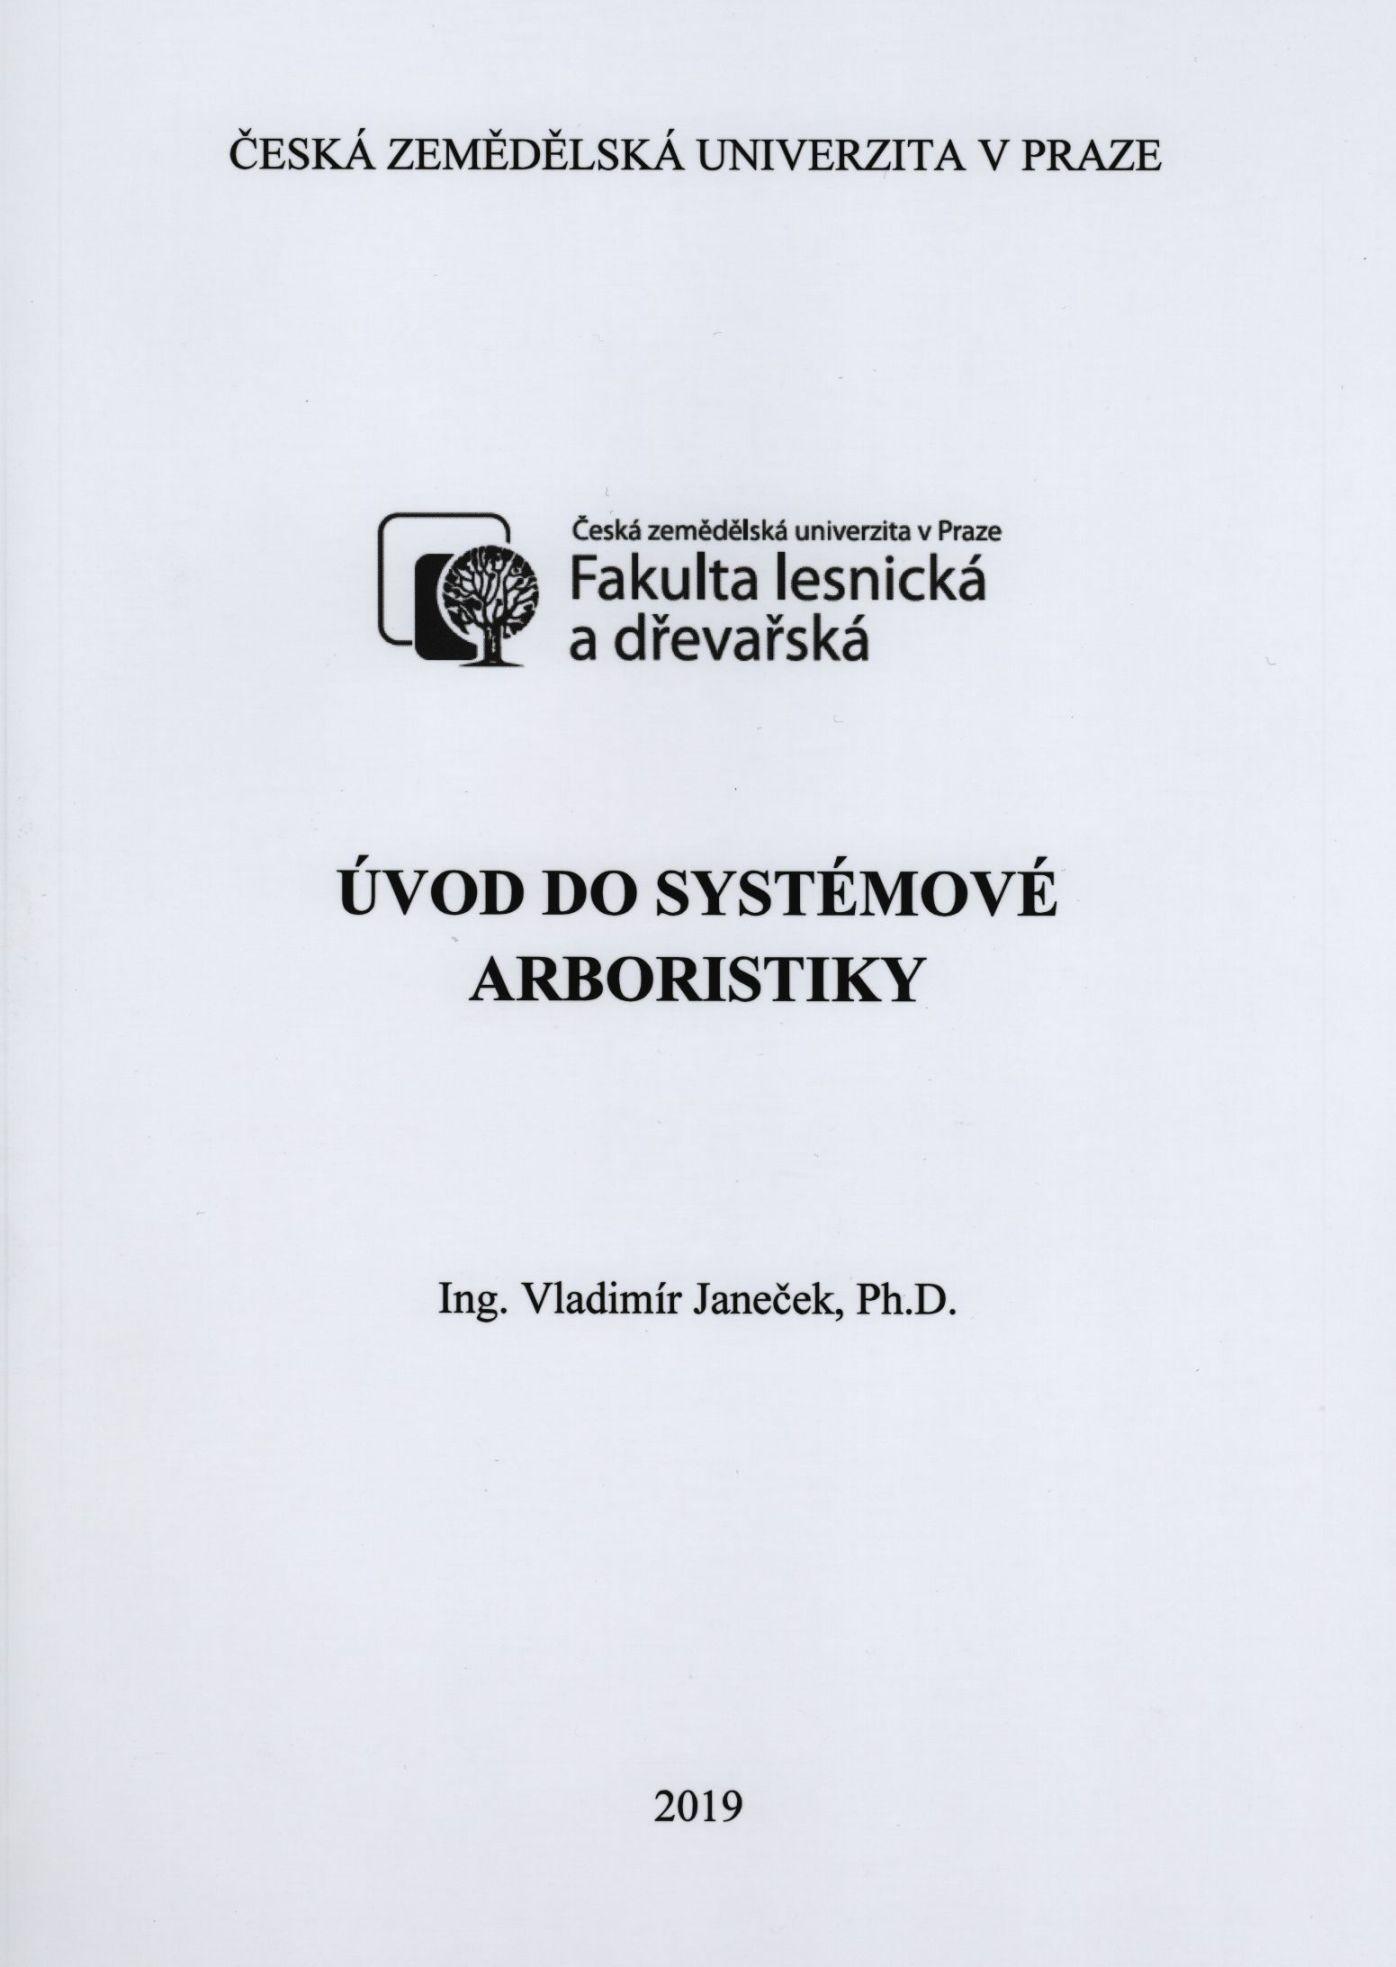 Úvod do systémové arboristiky